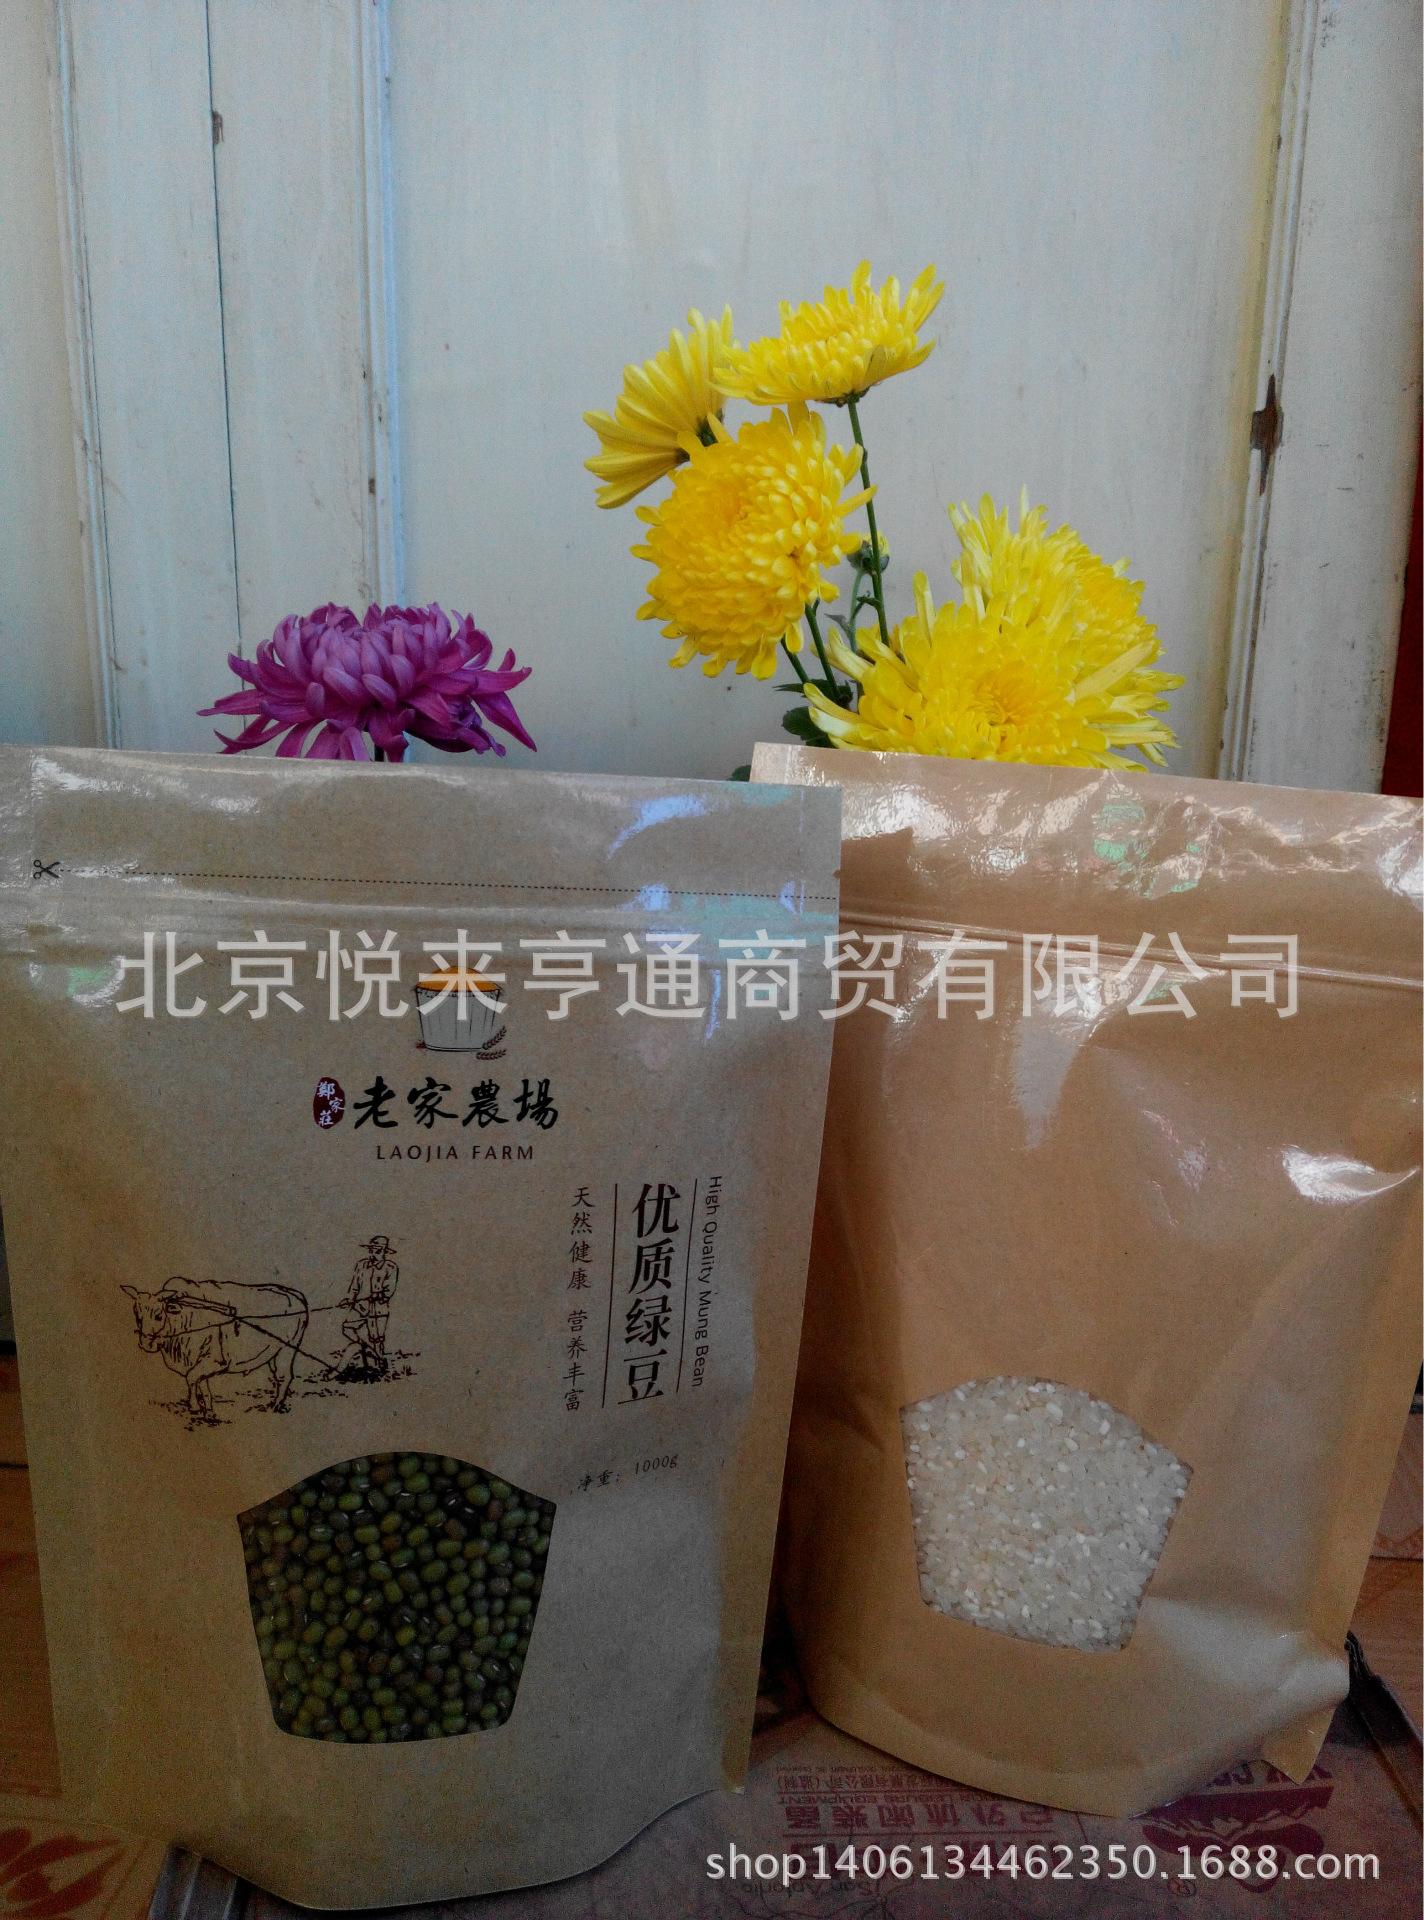 食品包装袋 牛皮纸开窗自封袋 杂粮密封自立袋 食品包装袋规格齐全